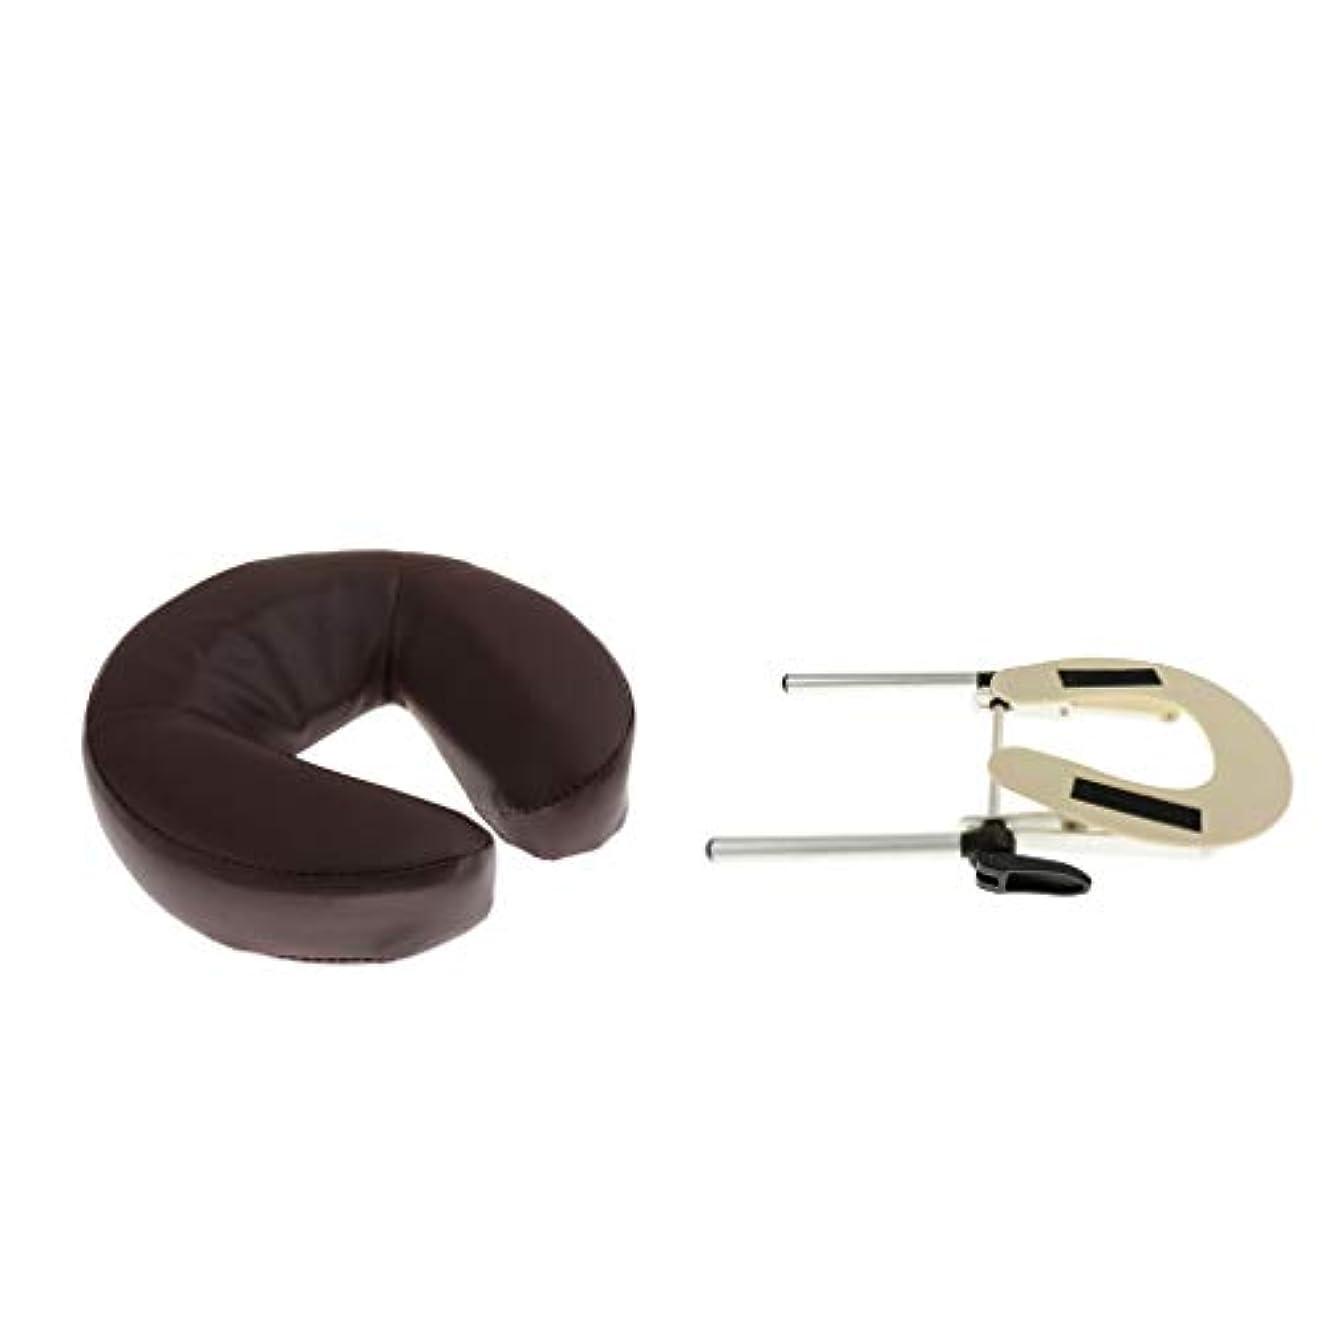 証明書いとこ揃えるdailymall ソフトフェイスダウン枕付きマッサージテーブル用フェイスクレードルピローブラケットホルダー